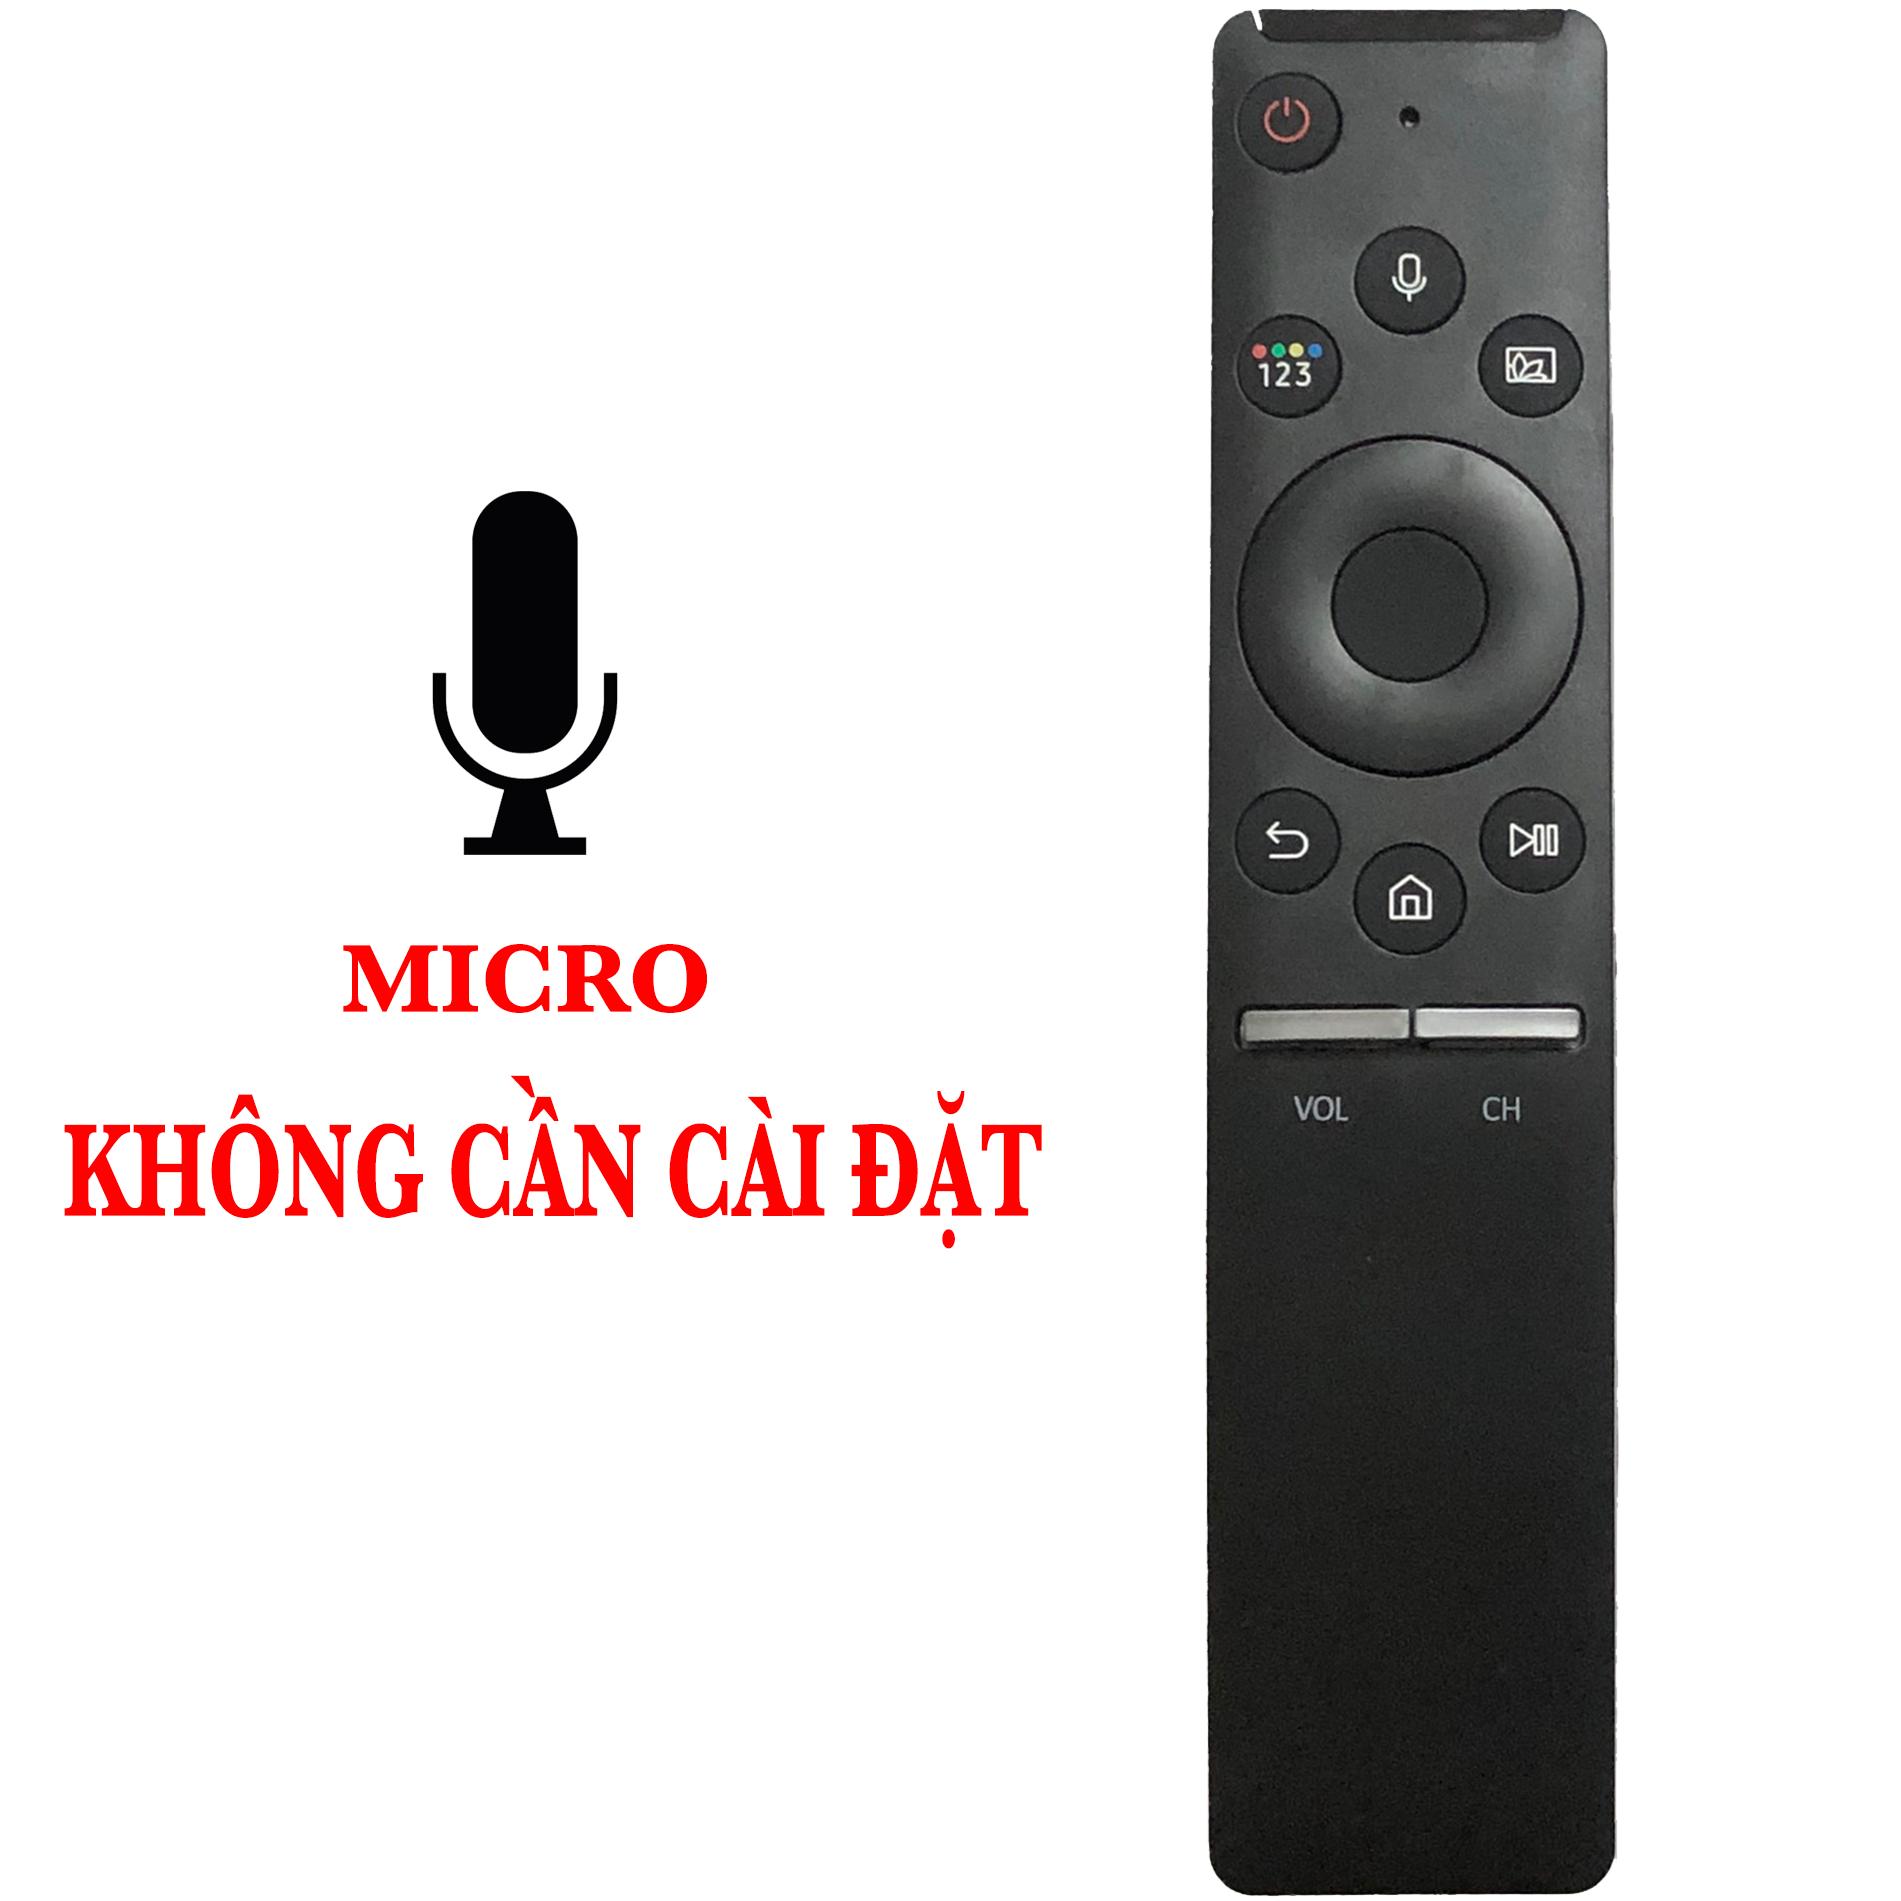 ĐIỀU KHIỂN TV SAMSUNG SMART MICRO CHÍNH HÃNG REMOTE TV SAMSUNG 4K SMART CÓ MIC GIỌNG NÓI